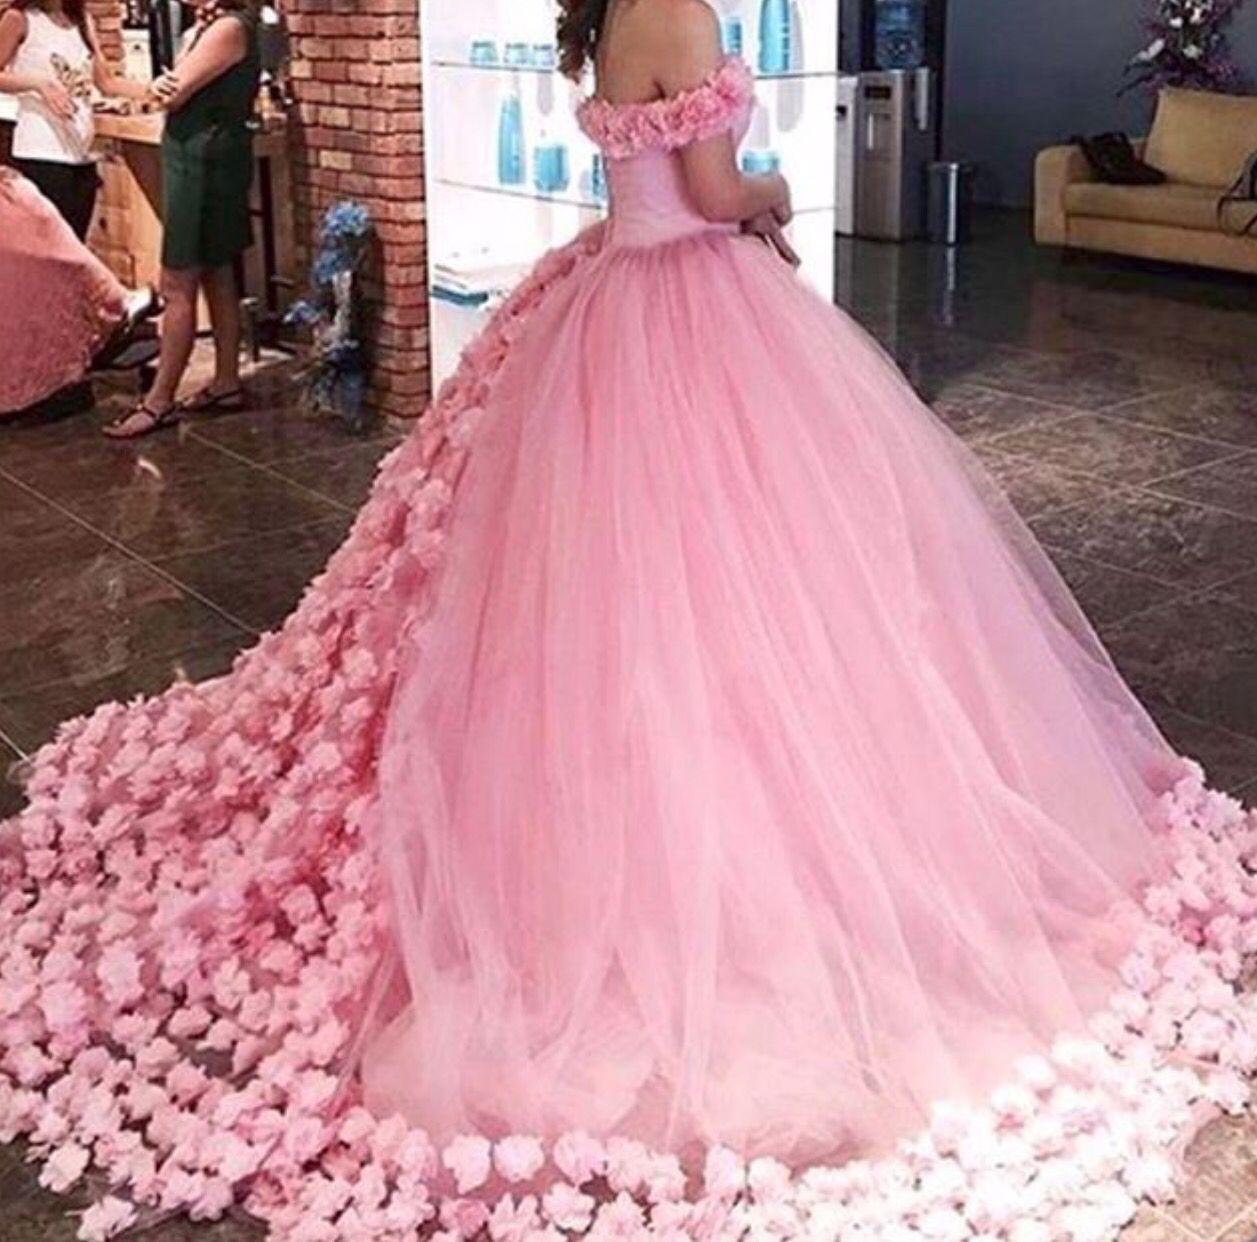 Pin de linda en .cute. | Pinterest | vestidos XV, Ropa y Vestiditos